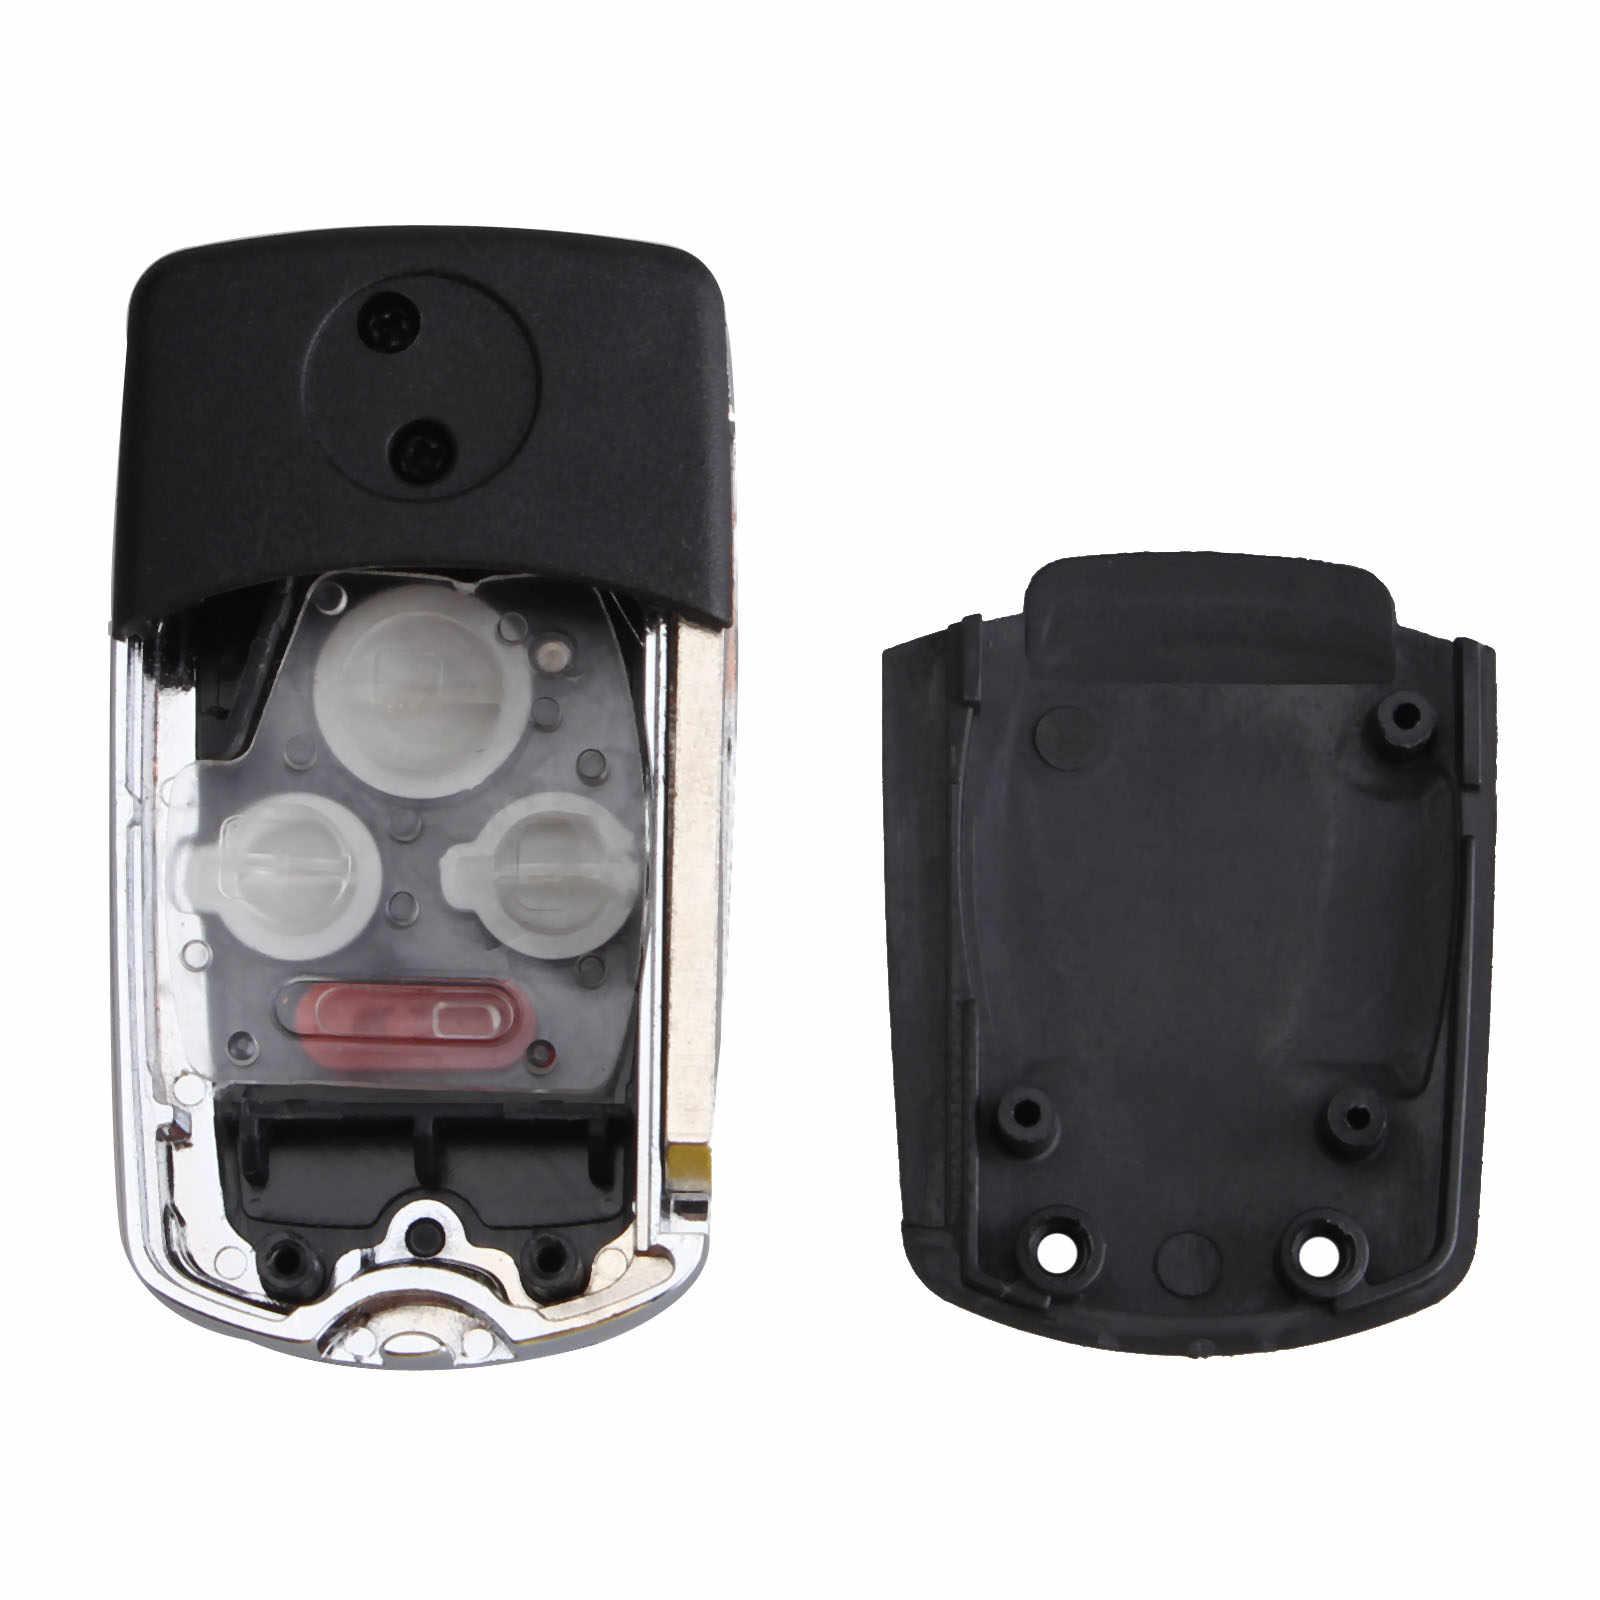 4 botões Aleta Modificada Dobrar Shell Remoto Chave Do Carro Caso Fob CR-V Entrada Fit Para Honda Accord Civic Fit Car -cobre